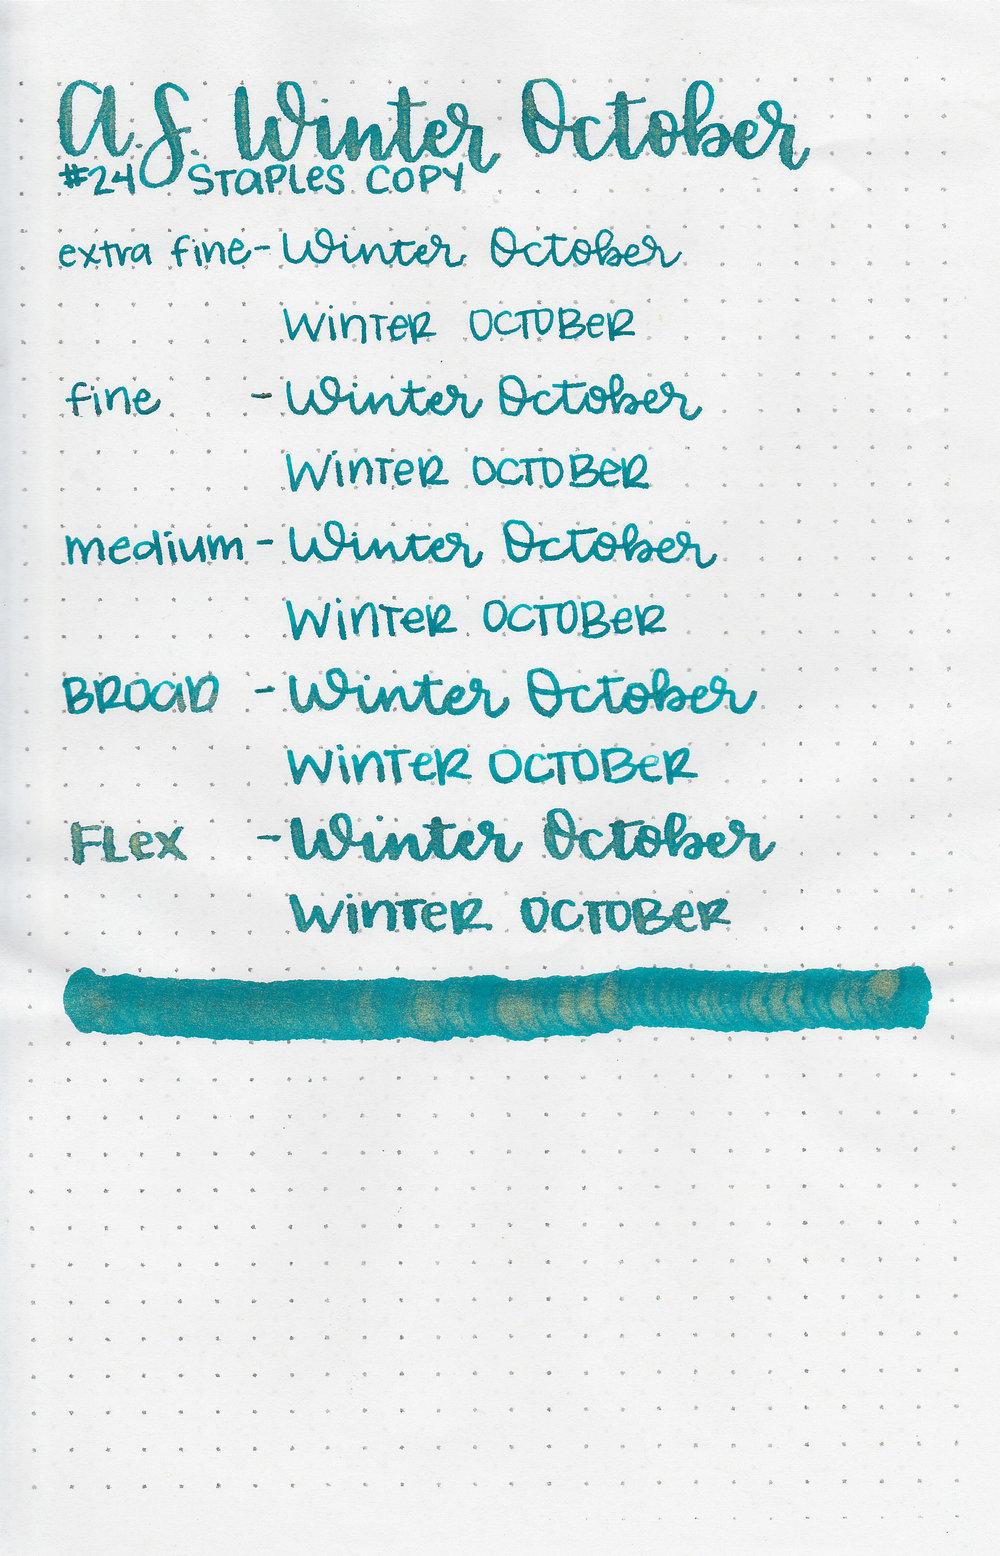 as-winter-october-12.jpg